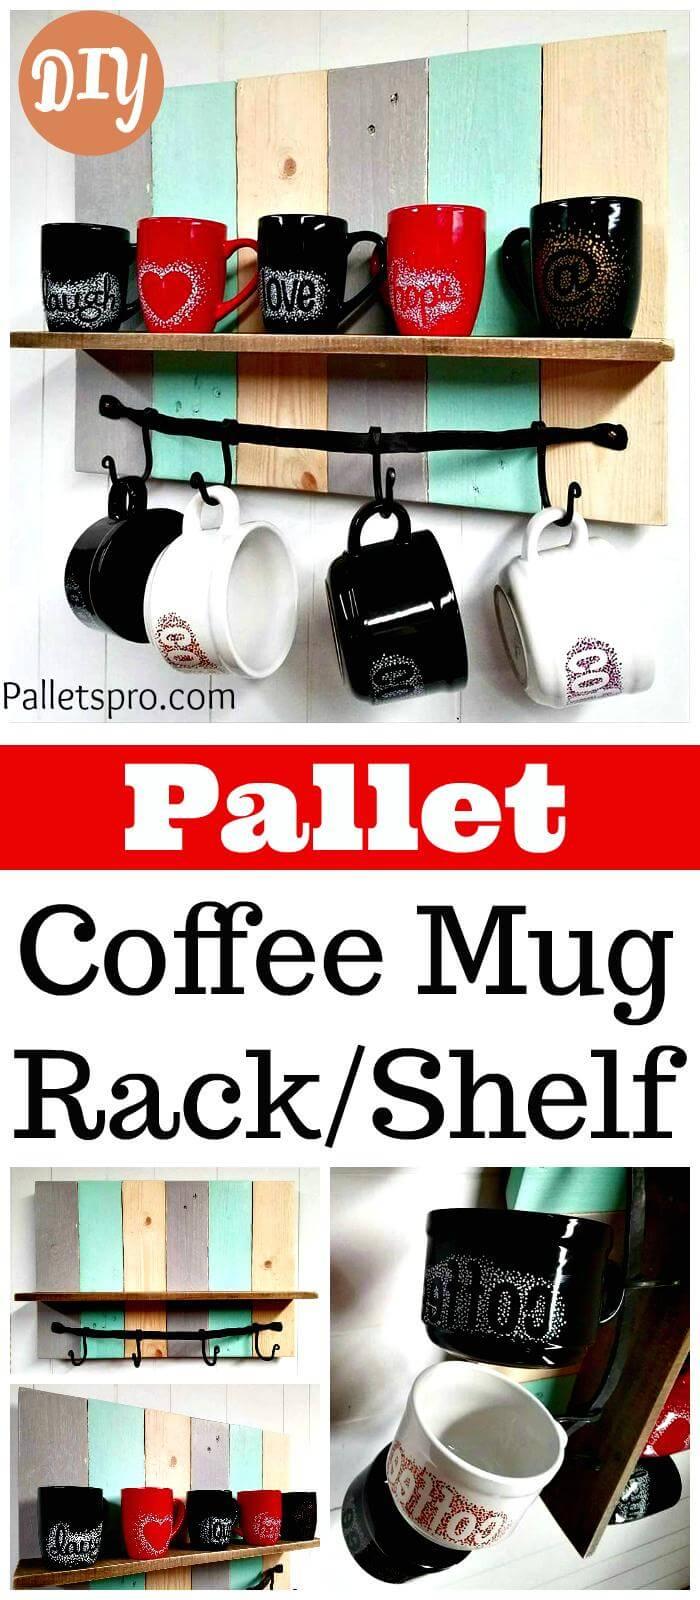 DIY Pallet Coffee Mug Rack